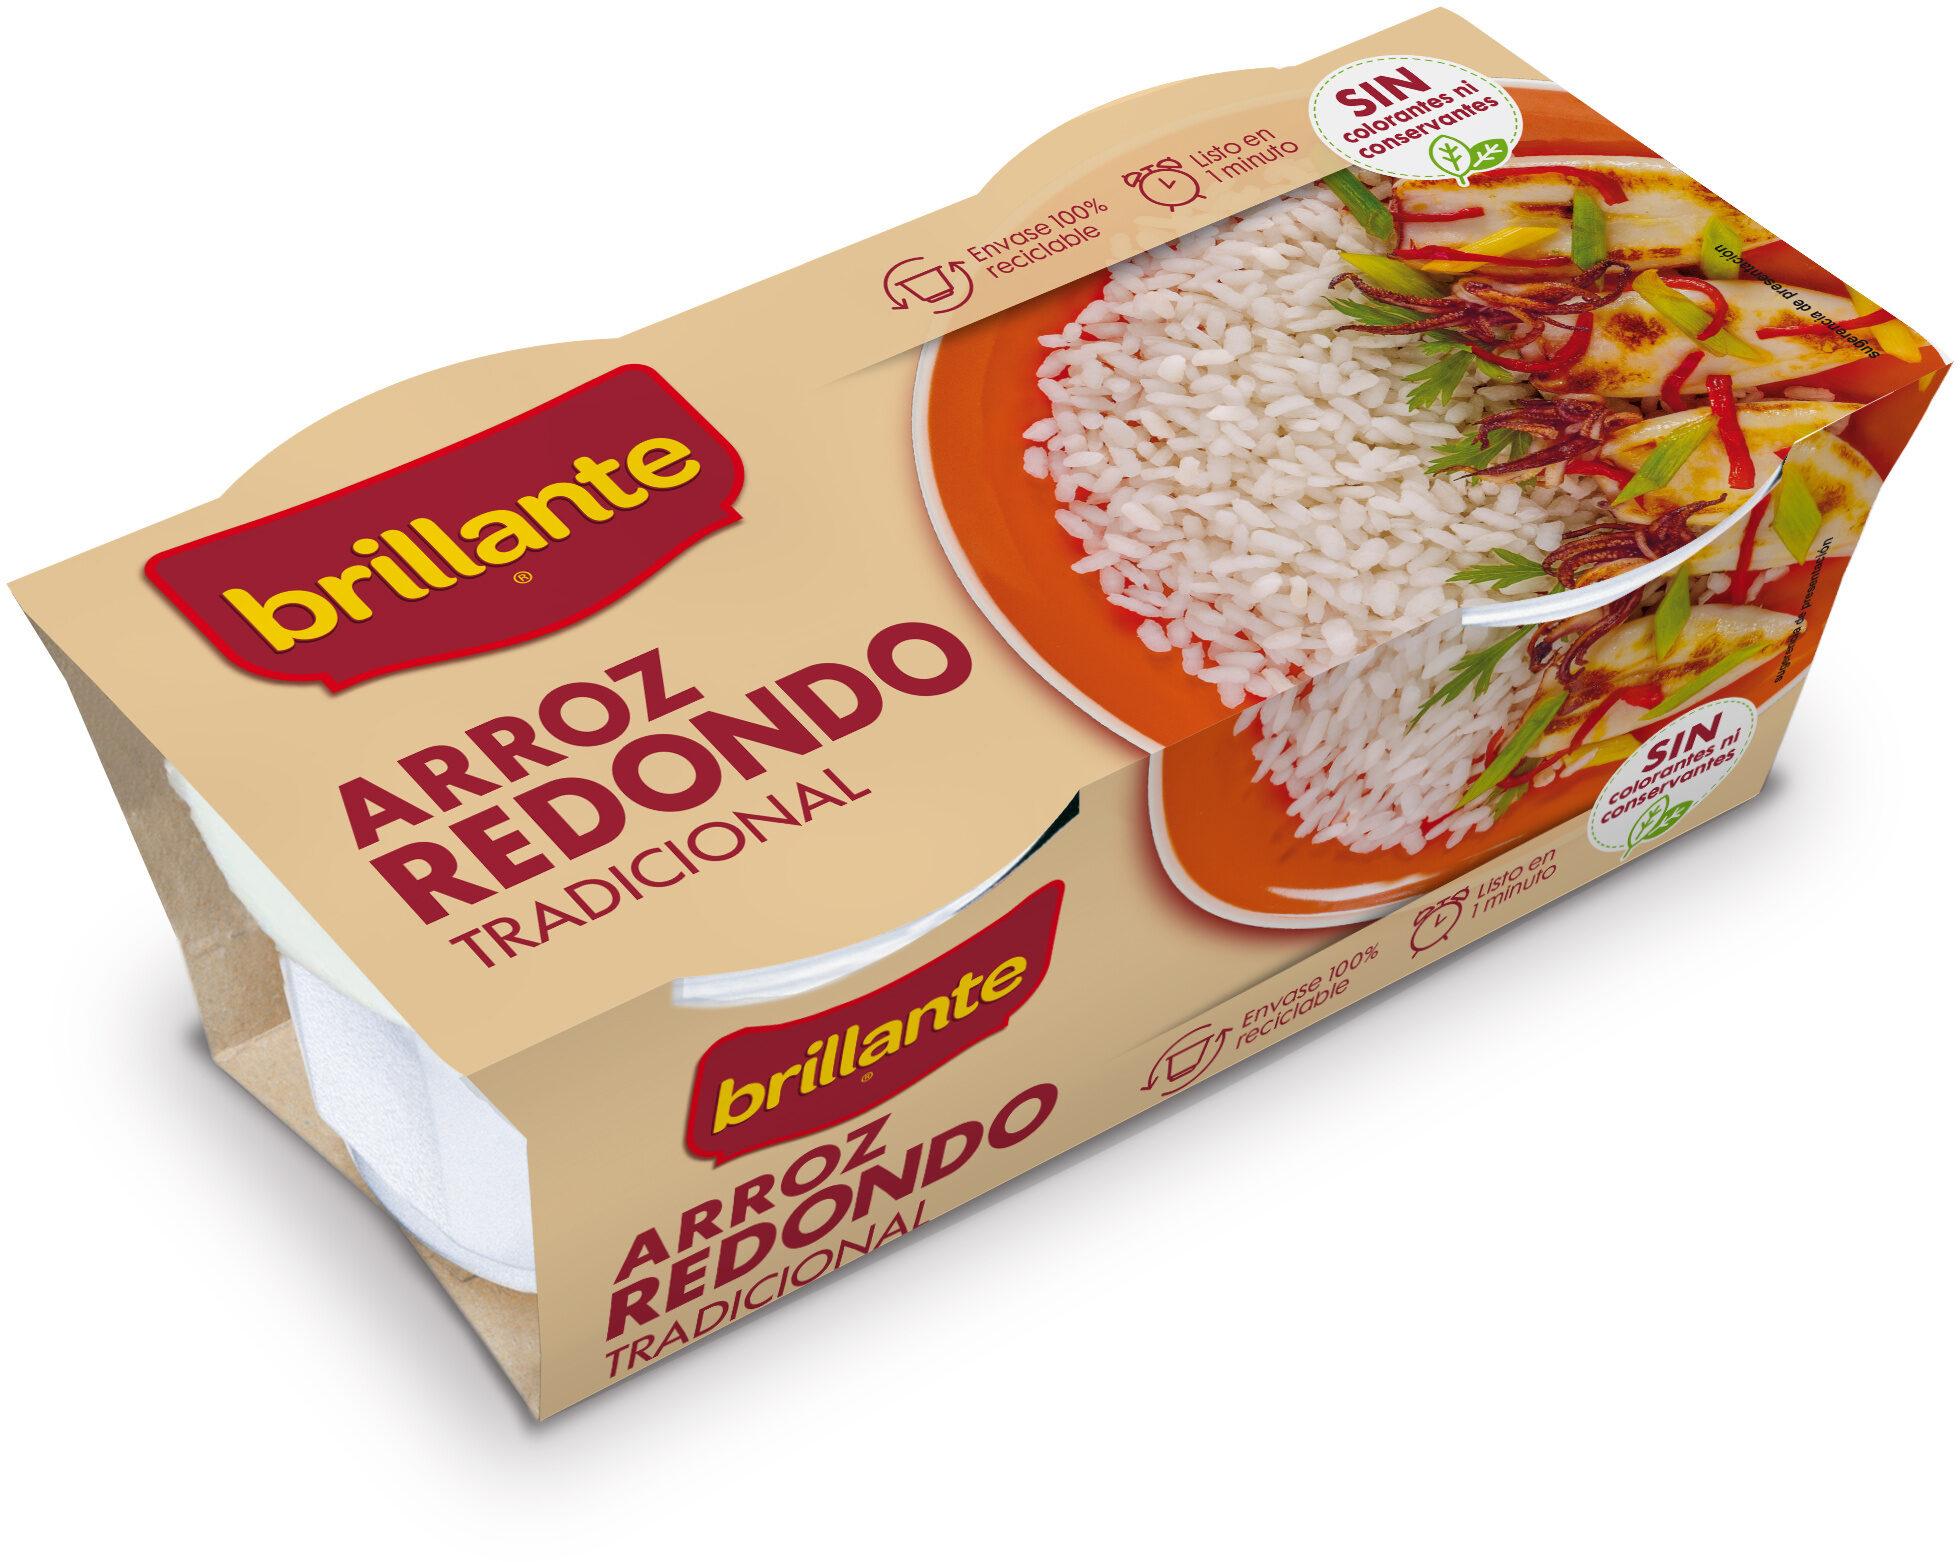 Arroz redondo tradicional cocido para guarnición pack 2 envase 125 g - Producto - es